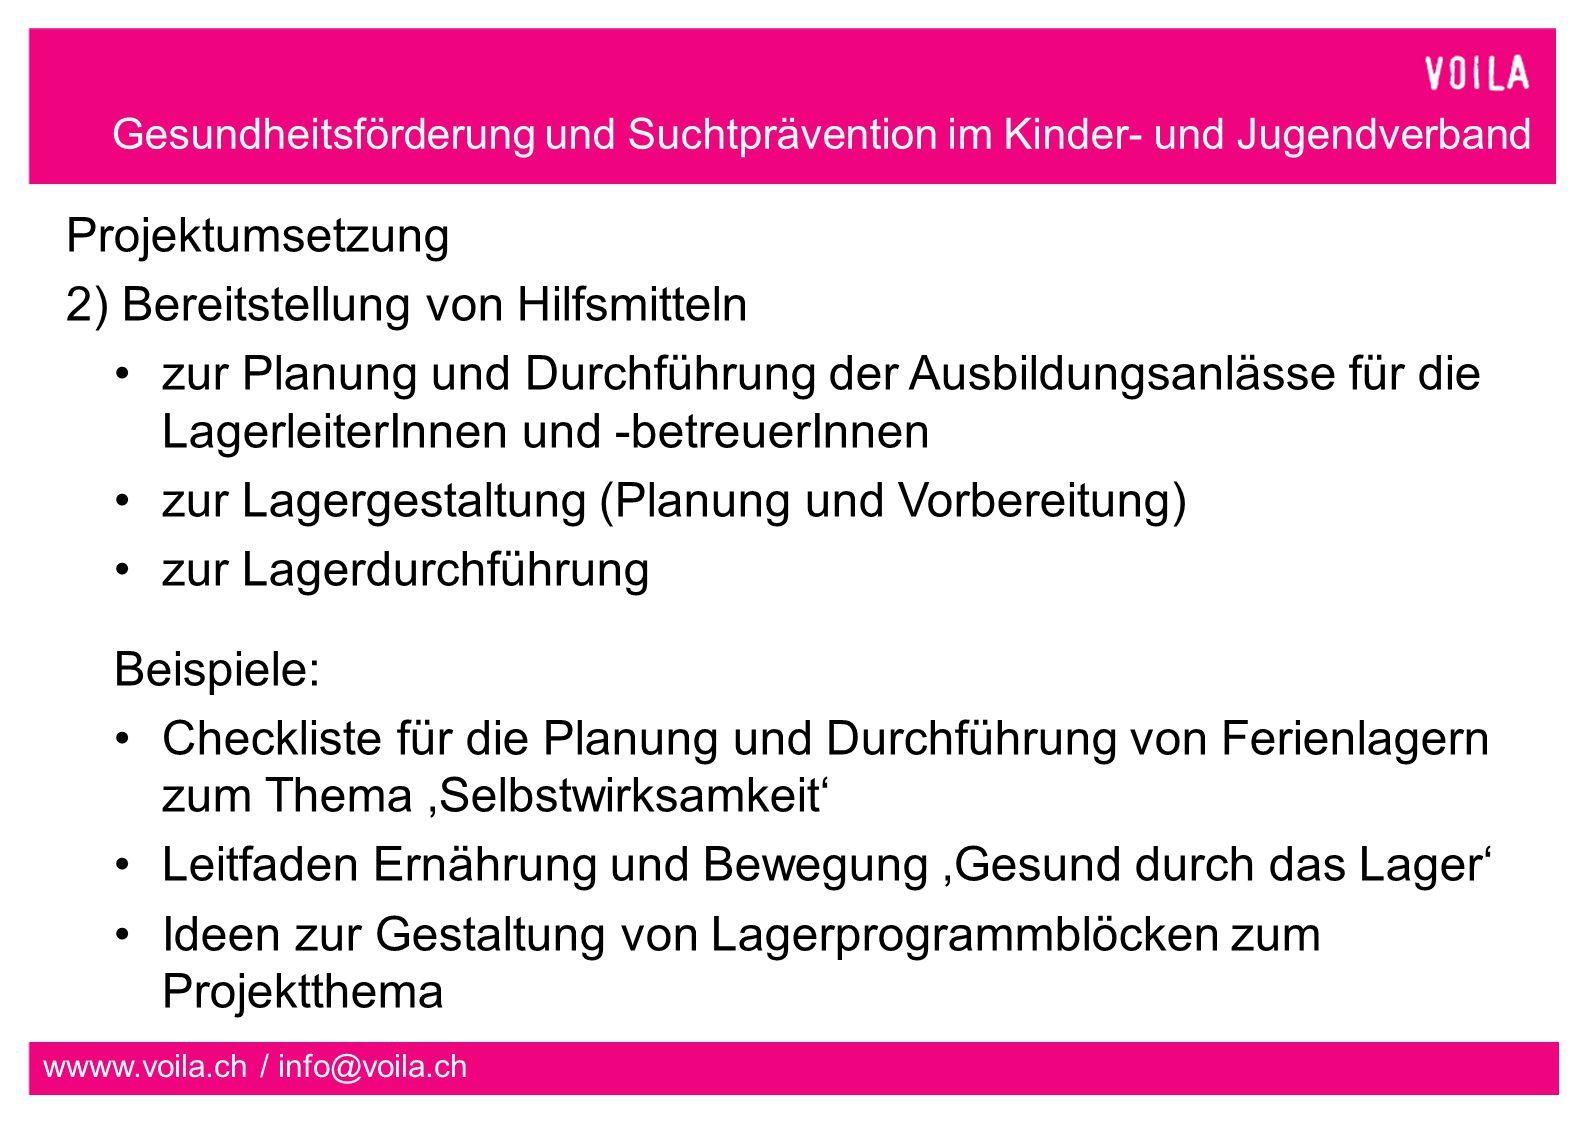 Gesundheitsförderung und Suchtprävention im Kinder- und Jugendverband wwww.voila.ch / info@voila.ch Projektumsetzung 2) Bereitstellung von Hilfsmitteln zur Planung und Durchführung der Ausbildungsanlässe für die LagerleiterInnen und -betreuerInnen zur Lagergestaltung (Planung und Vorbereitung) zur Lagerdurchführung Beispiele: Checkliste für die Planung und Durchführung von Ferienlagern zum Thema 'Selbstwirksamkeit' Leitfaden Ernährung und Bewegung 'Gesund durch das Lager' Ideen zur Gestaltung von Lagerprogrammblöcken zum Projektthema